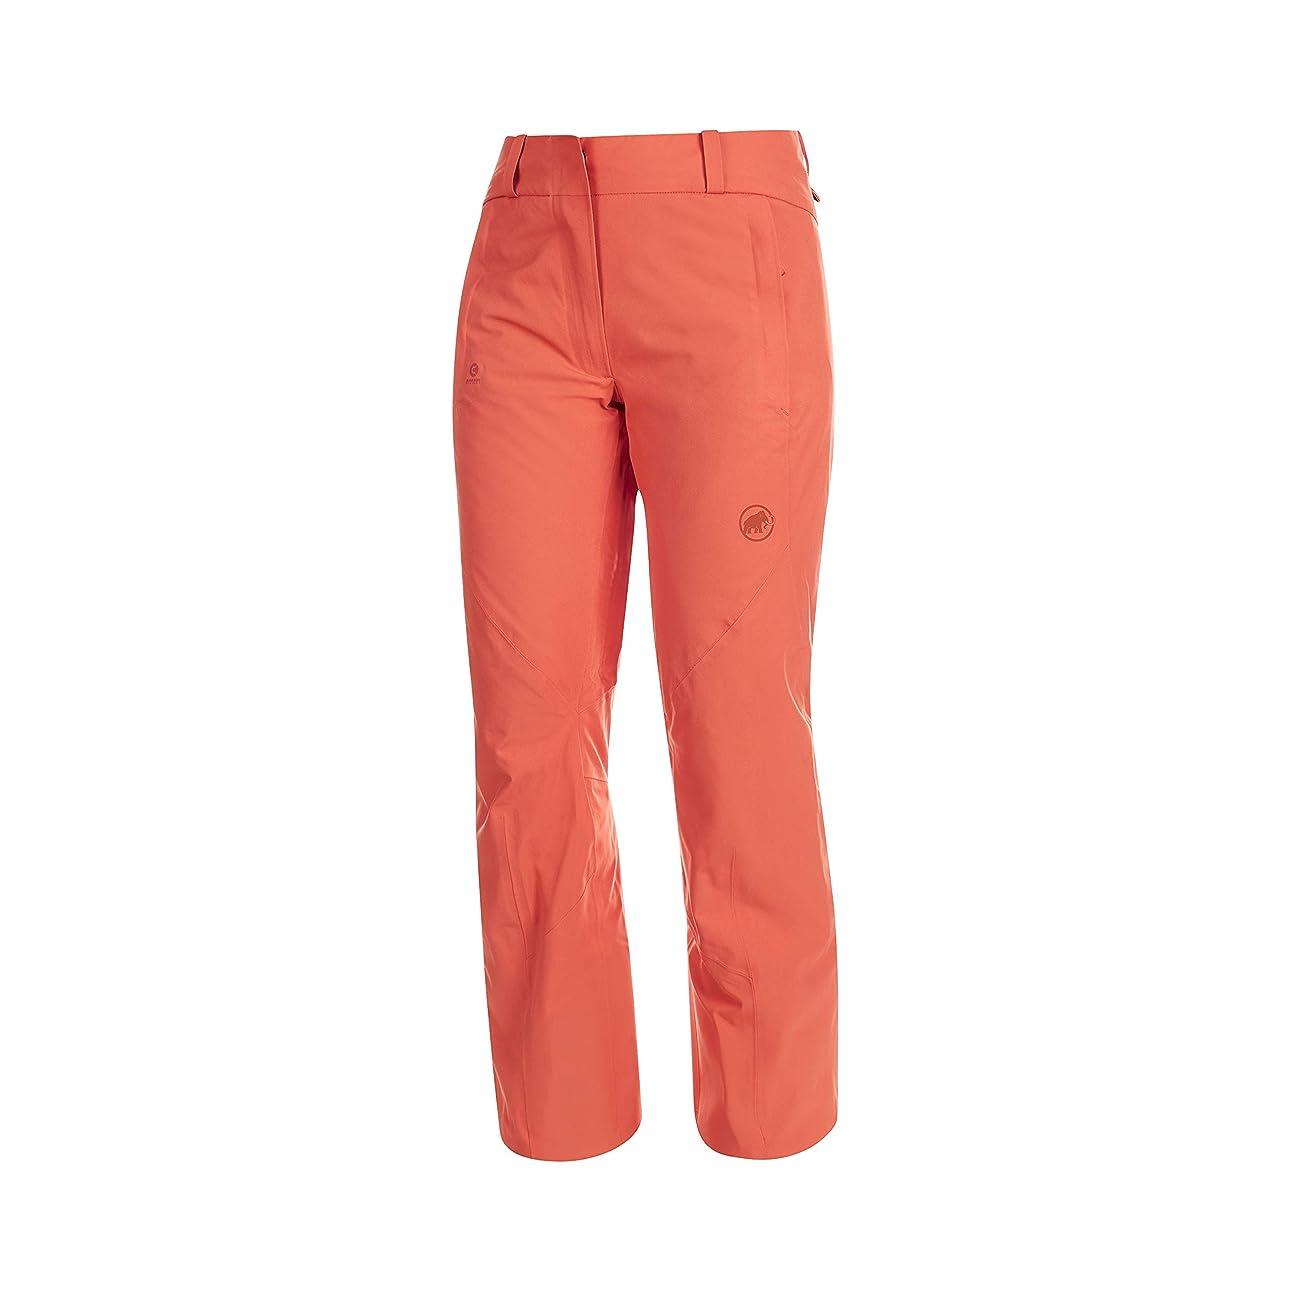 前提条件ラフレシアアルノルディ異なるMammut Casanna HS Thermo Women's Pants pepper 23-46 Short